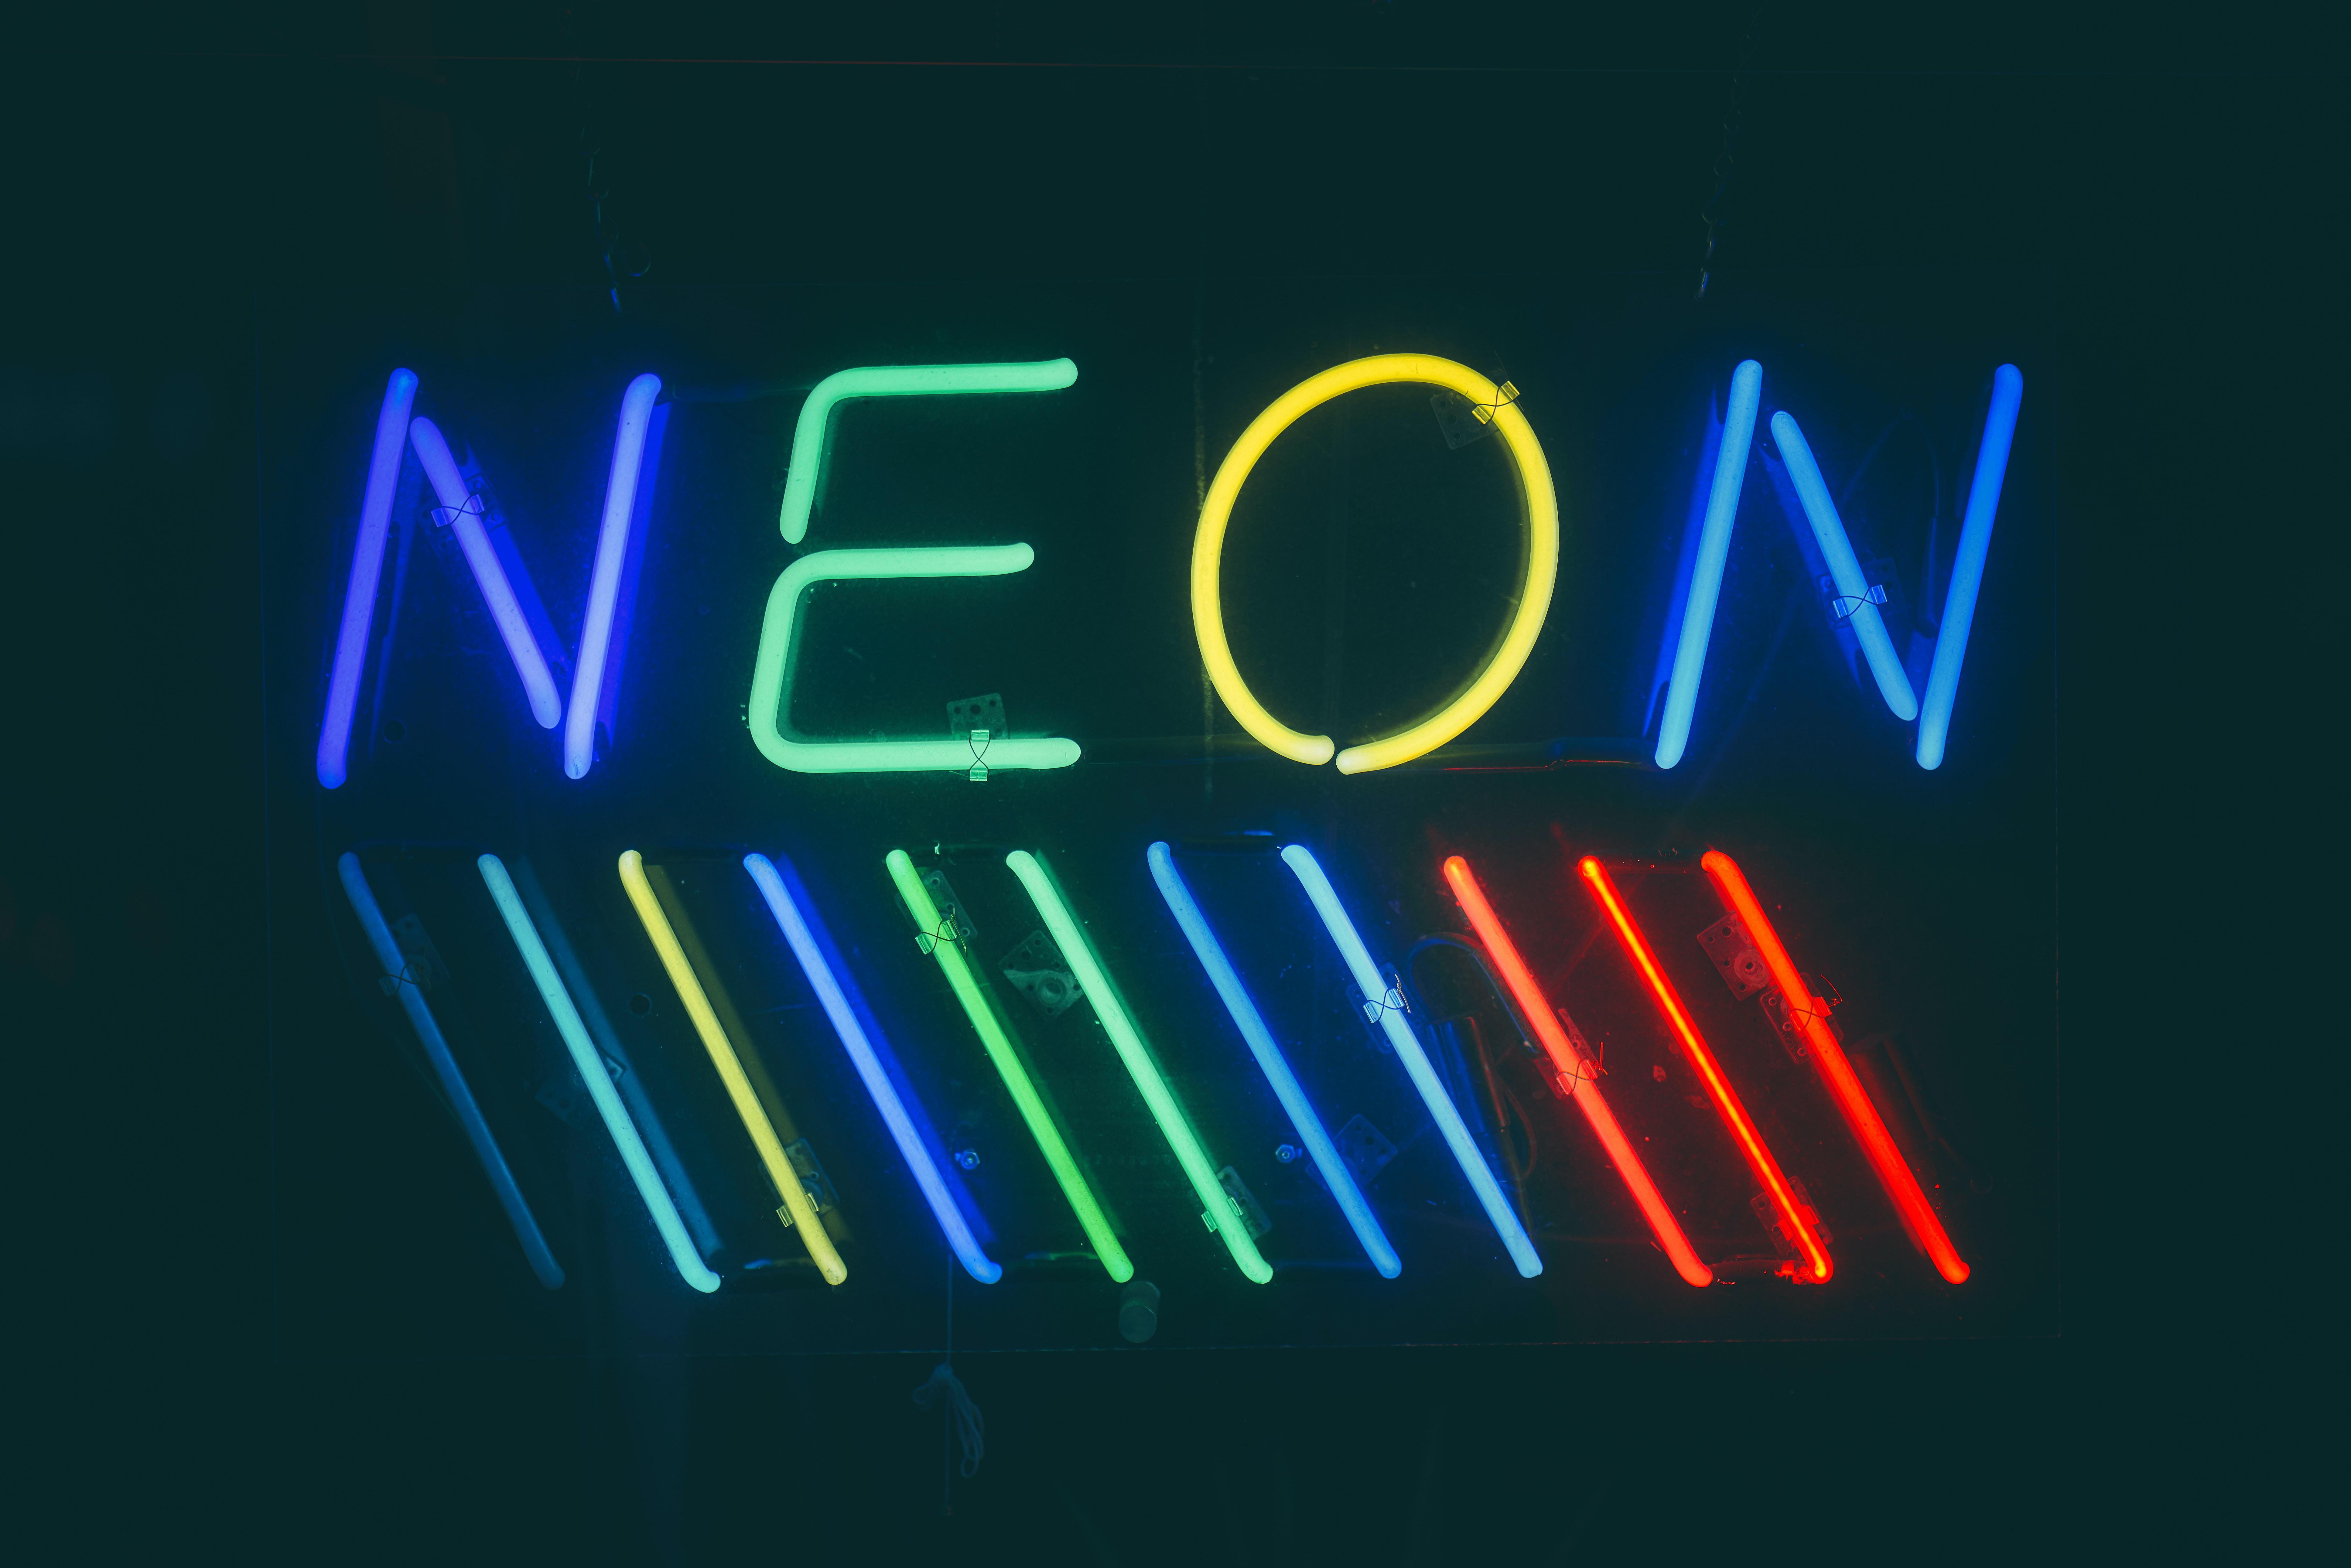 multicolored neon lights